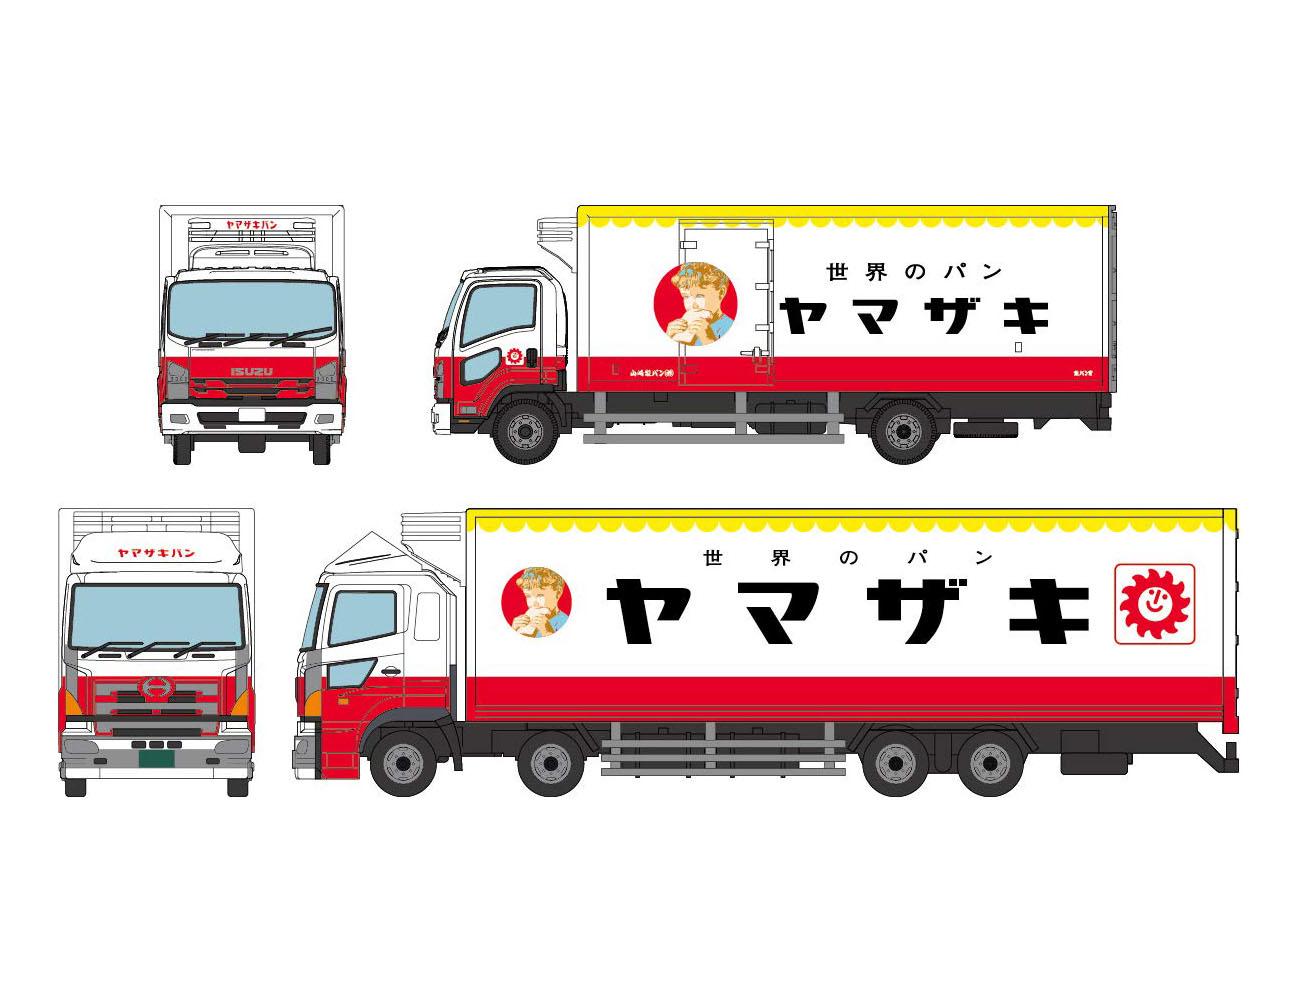 ザ・トラックコレクション『ヤマザキパン トラックセット』ミニカー-001